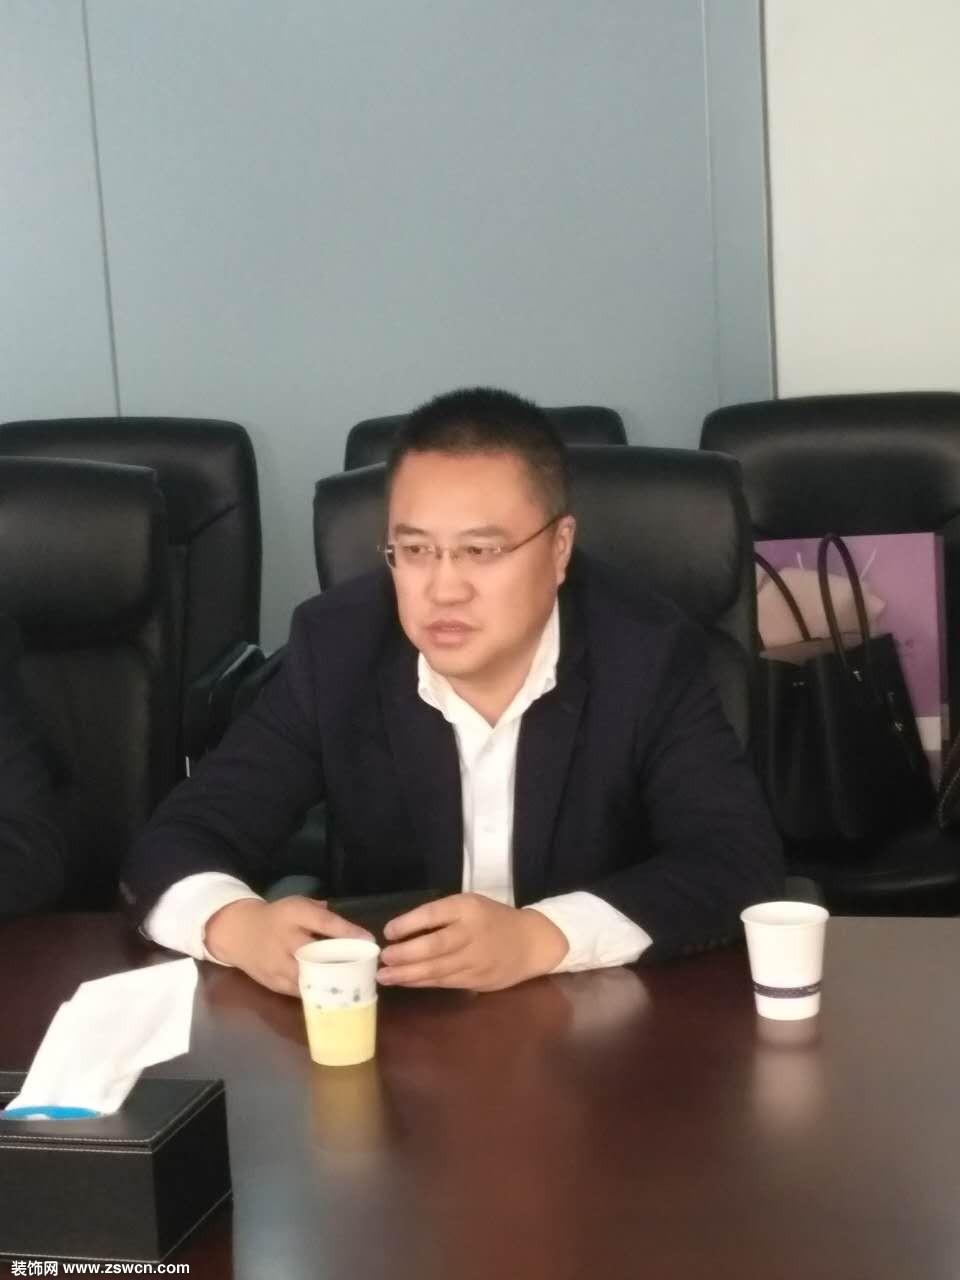 启迪清洁能源集团与北京可汗之风公司签署合作协议      共同在风电领域创造更多绿色